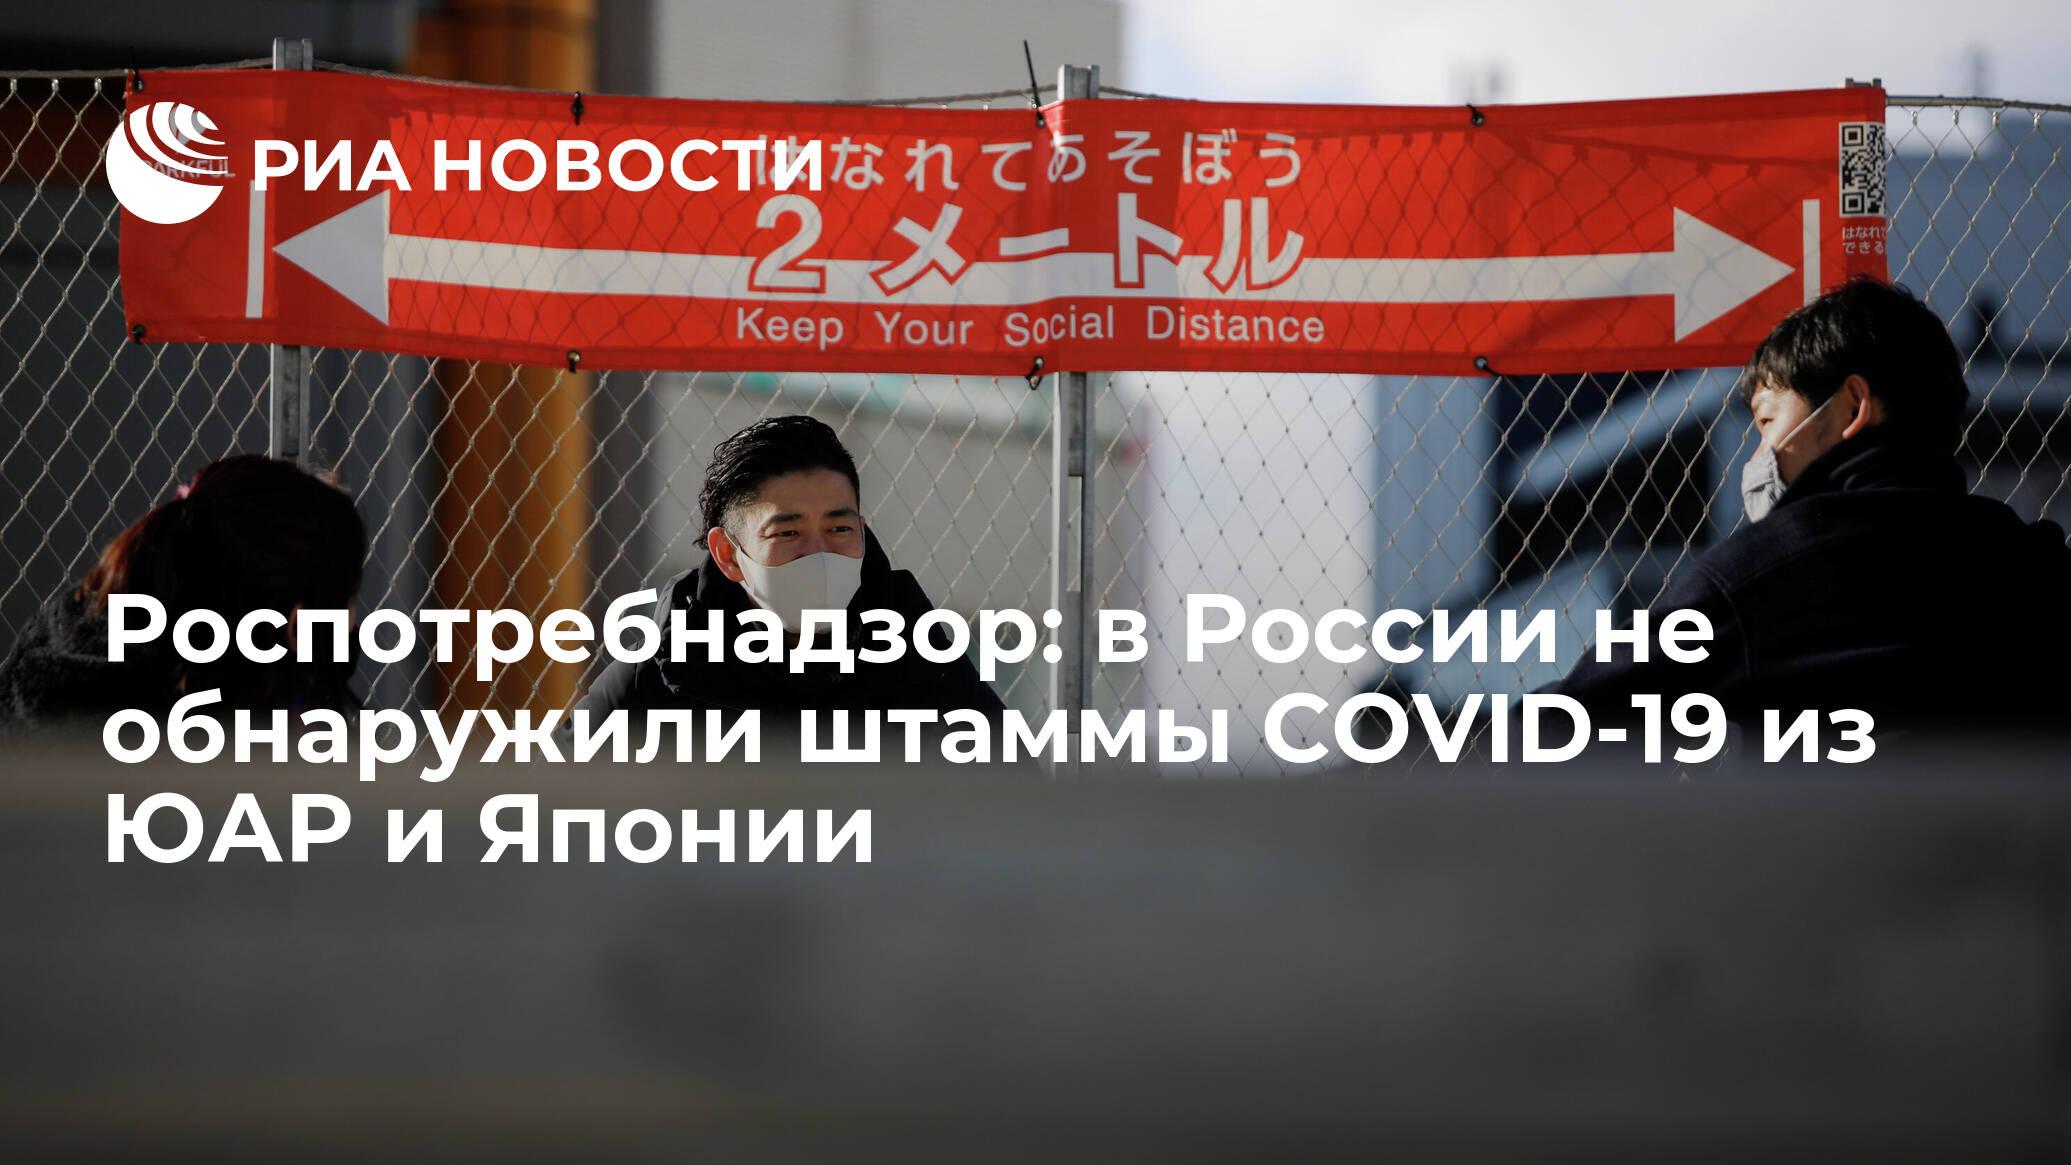 Роспотребнадзор: в России не обнаружили штаммы COVID-19 из ЮАР и Японии